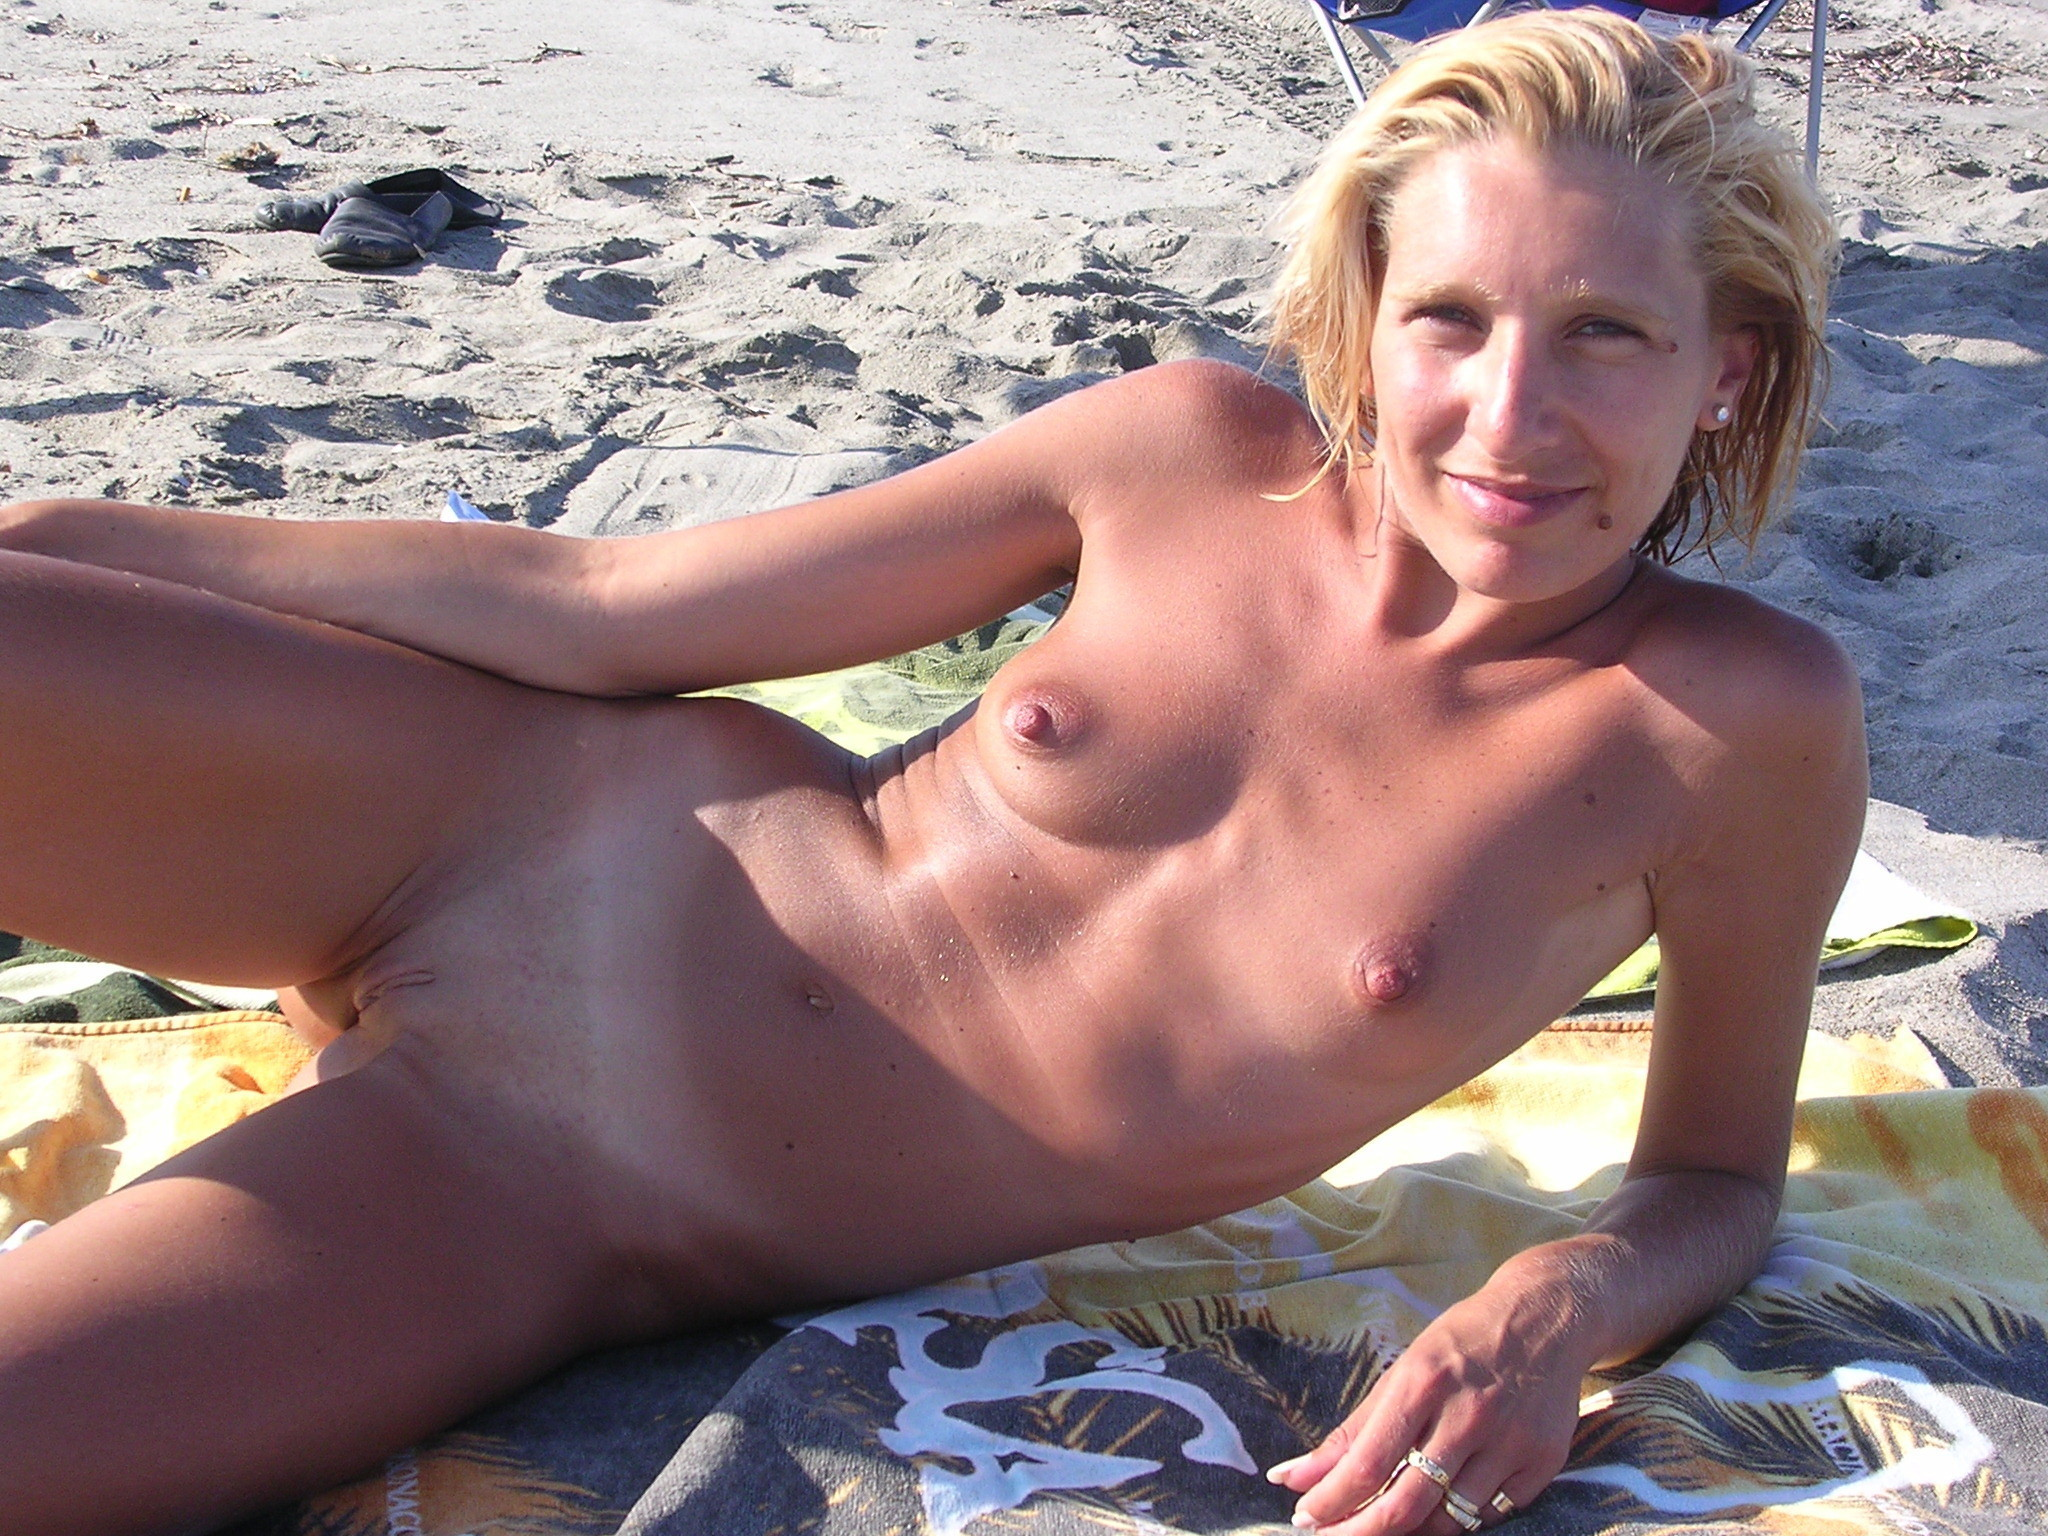 Обнаженные зрелые телки на пляже